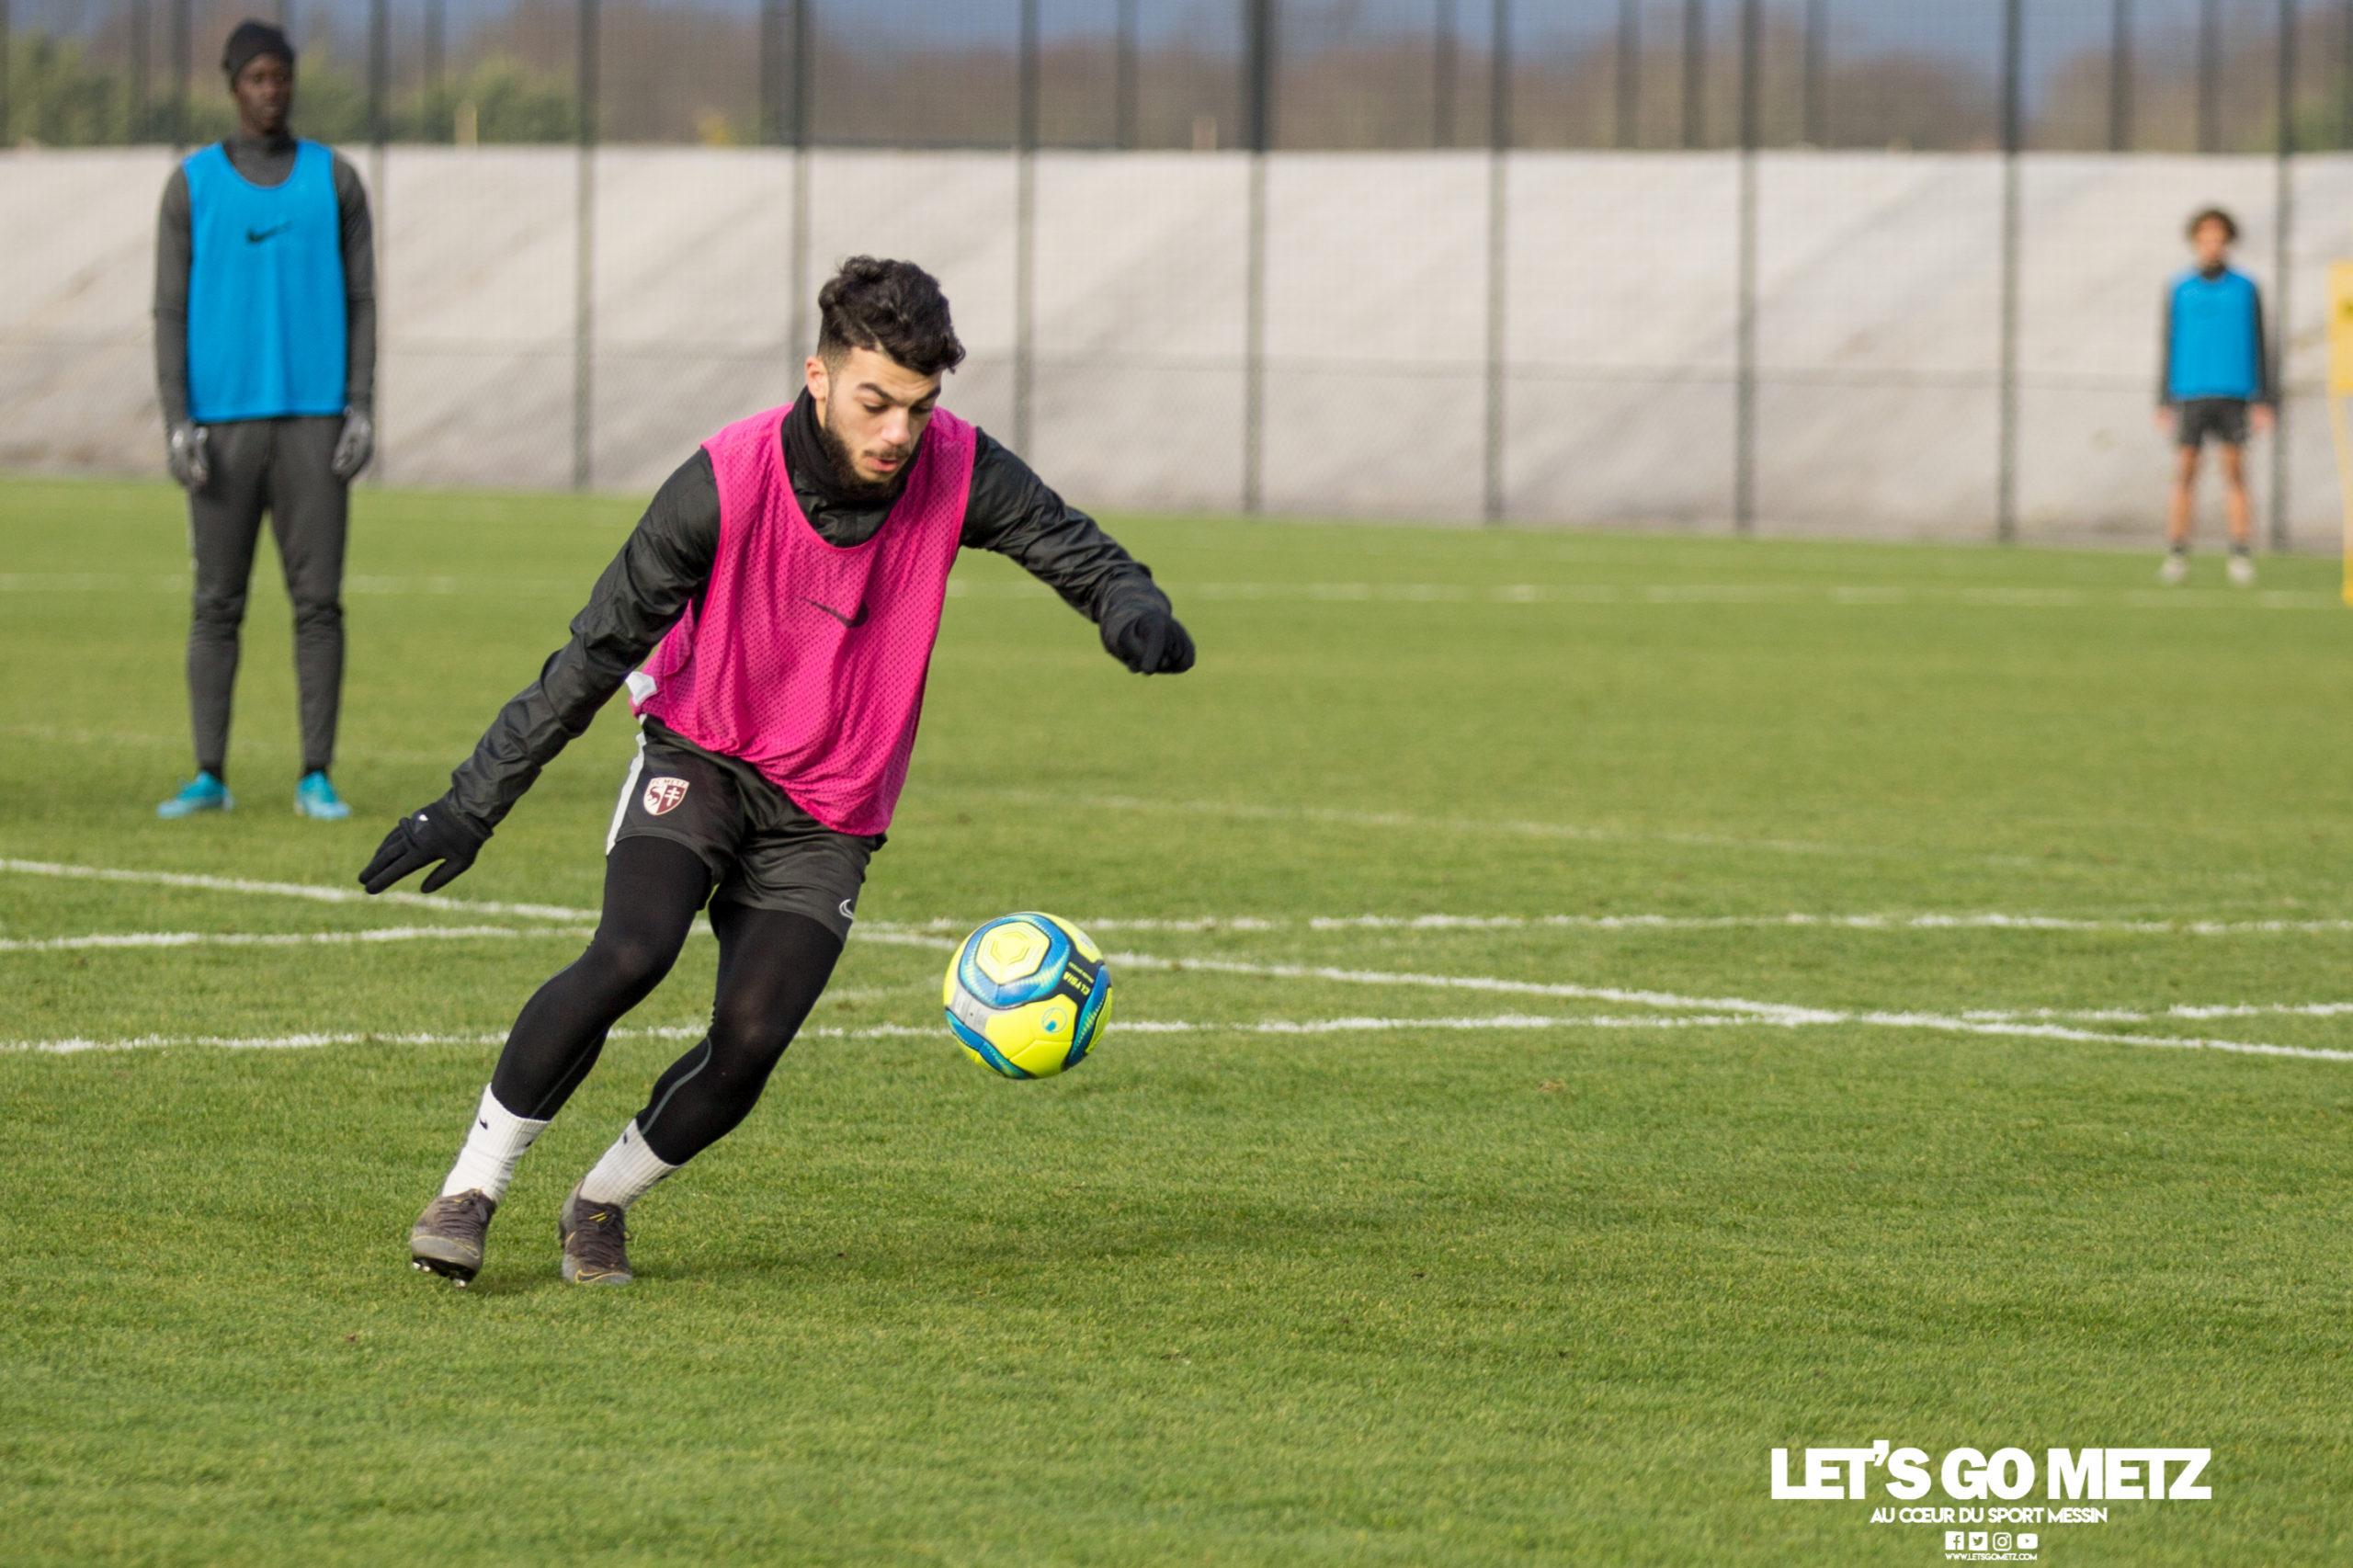 Entrainement FC Metz – 04012020 (9)Mikautadze